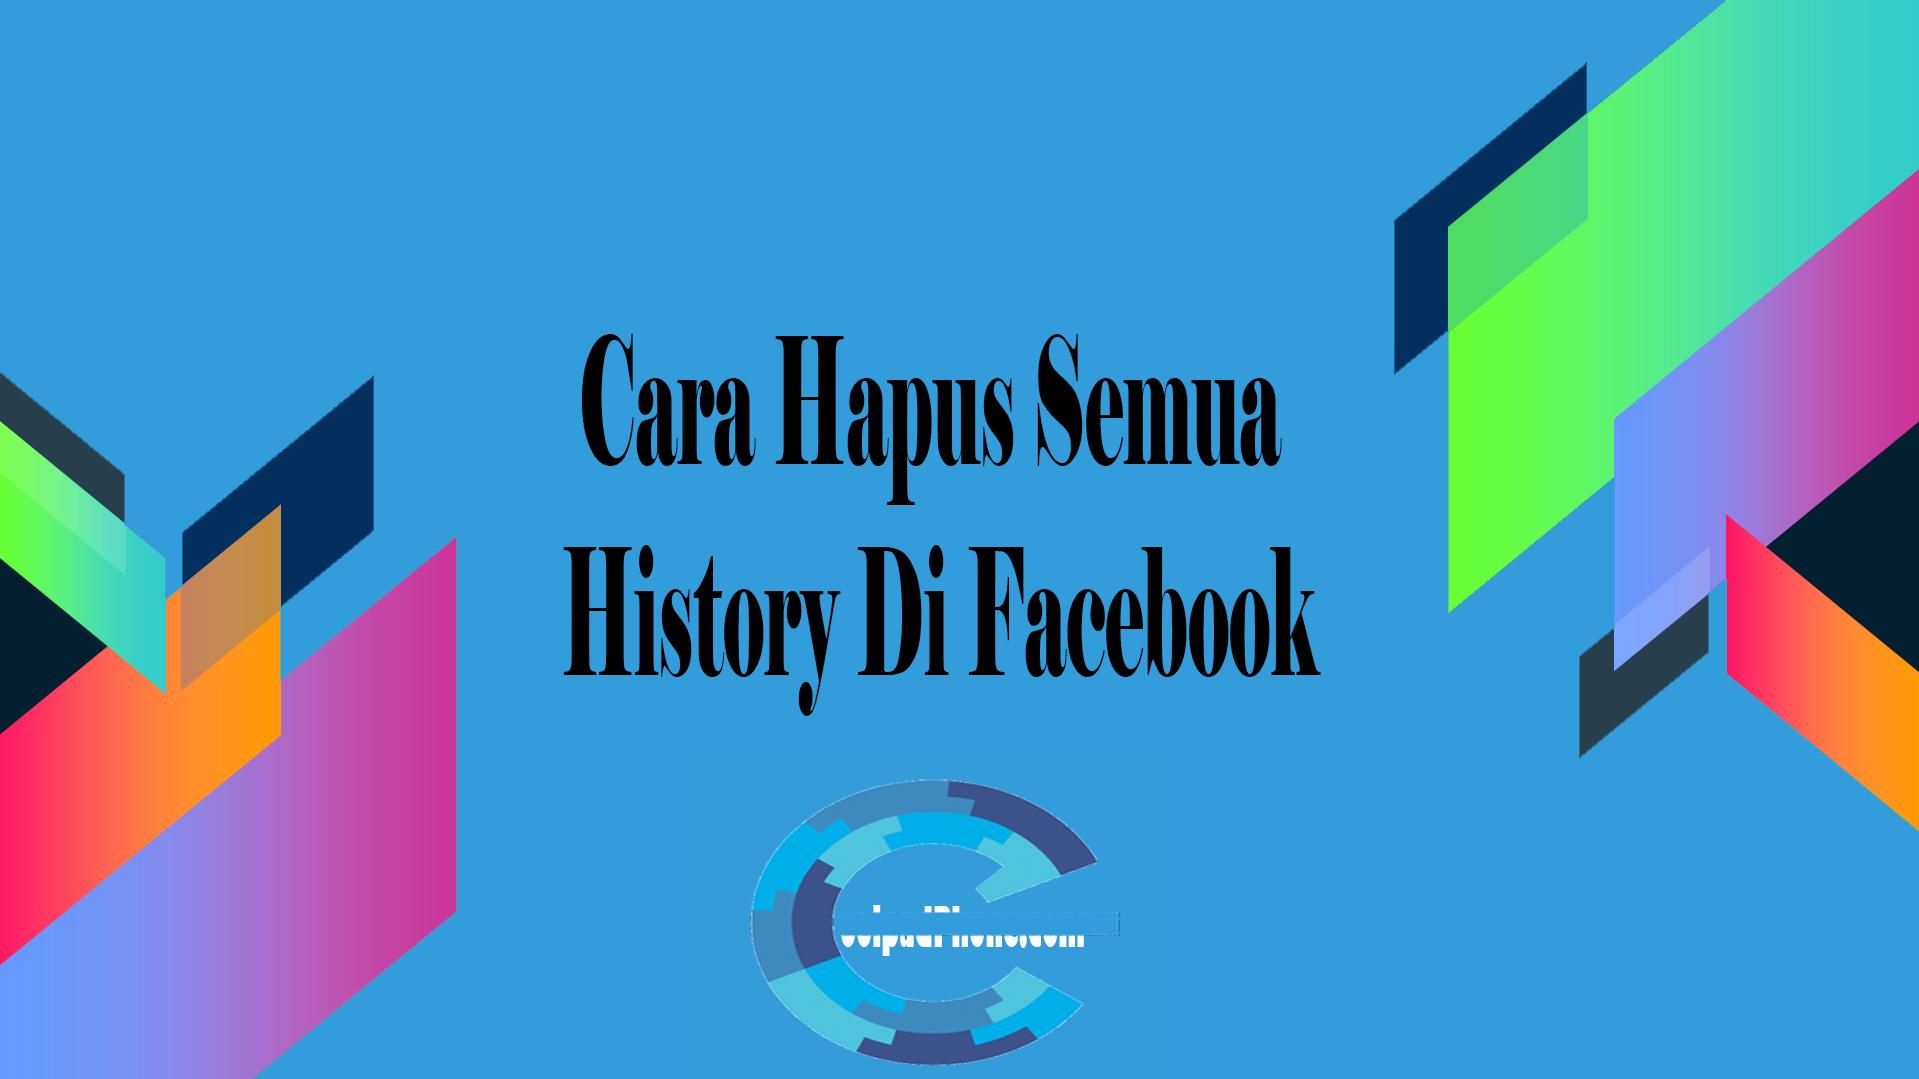 Cara Hapus Semua History Di Facebook